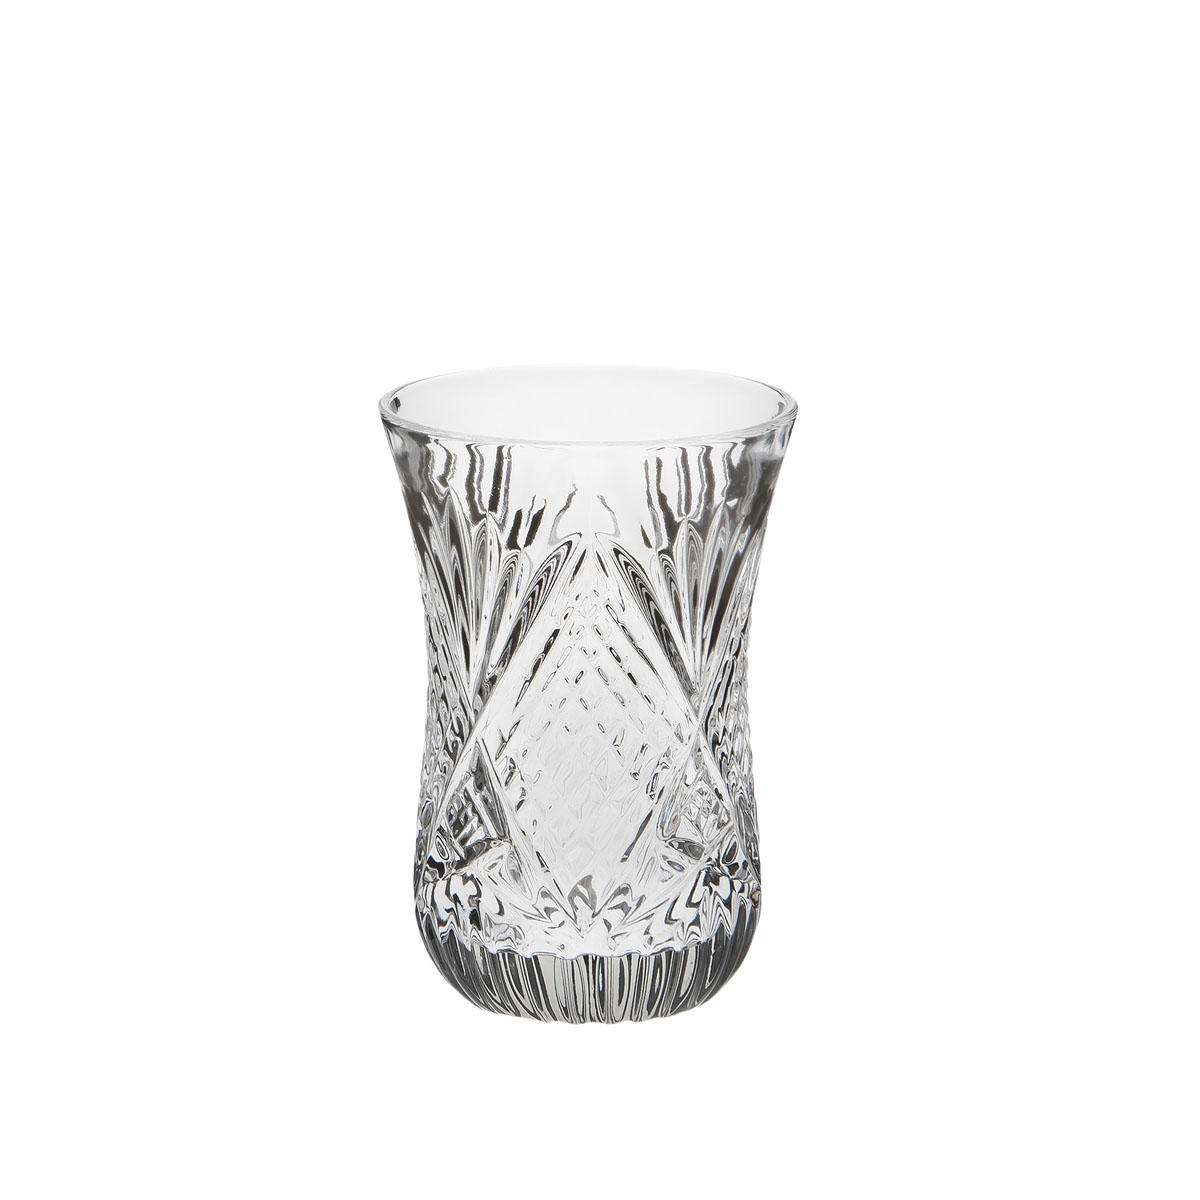 Стакан Дятьковский хрусталь Восточный, 125 мл. С998С998Хрустальные стаканы – красивое и простое решение для украшения праздничного стола. Стаканы из хрусталя универсальны, они подойдут и для алкогольных напитков – вина, шампанского, и для освежающих – минеральной воды, компота или сока. Если в вашей домашней коллекции еще нет предметов хрустальной посуды, купить хрустальные стаканы стоит обязательно.